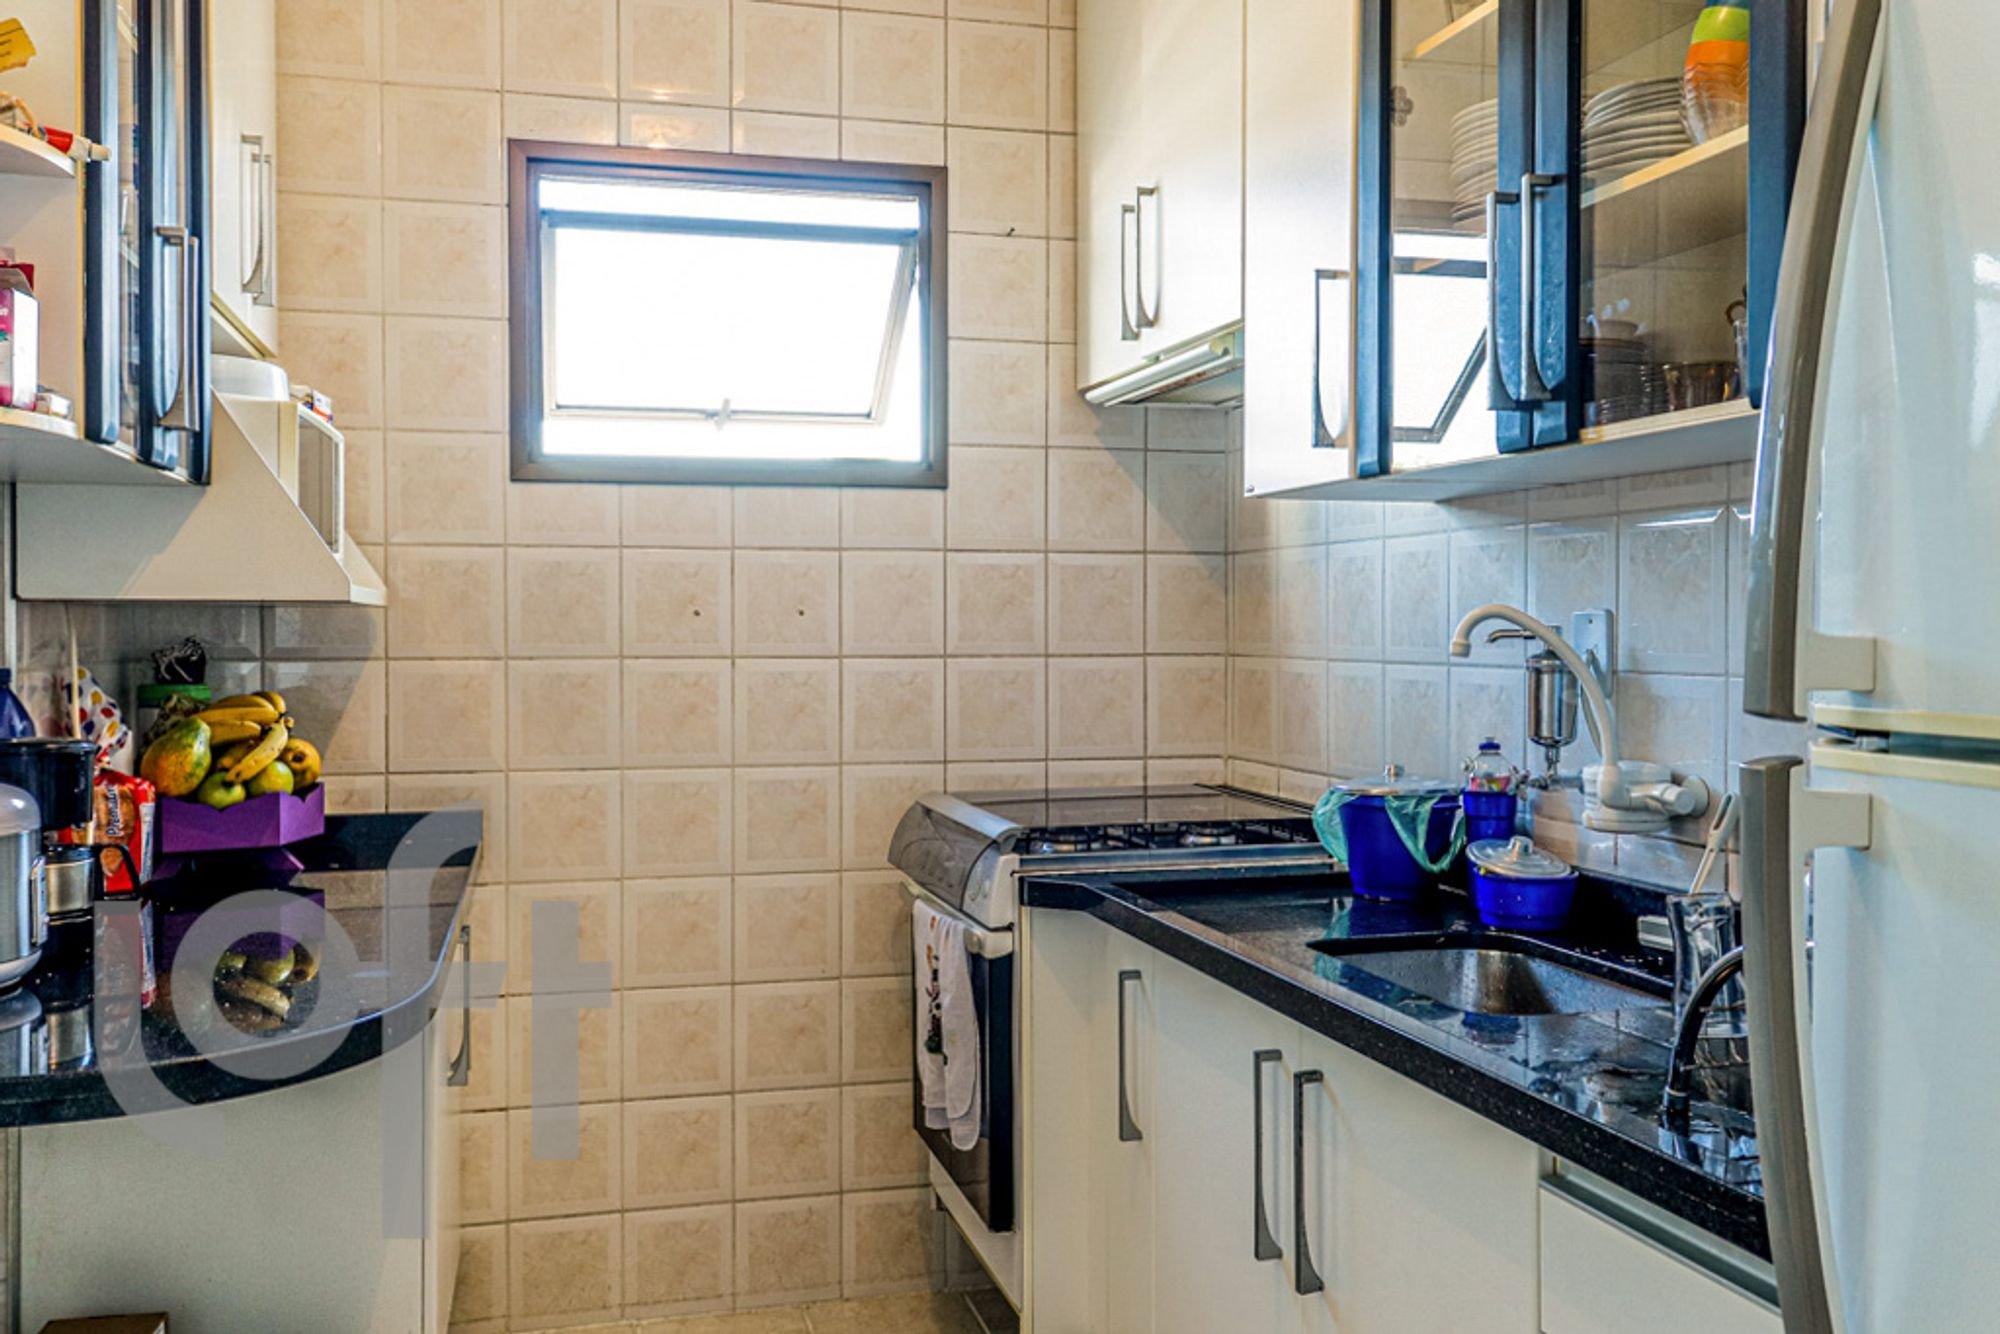 Foto de Cozinha com garrafa, forno, tigela, geladeira, pia